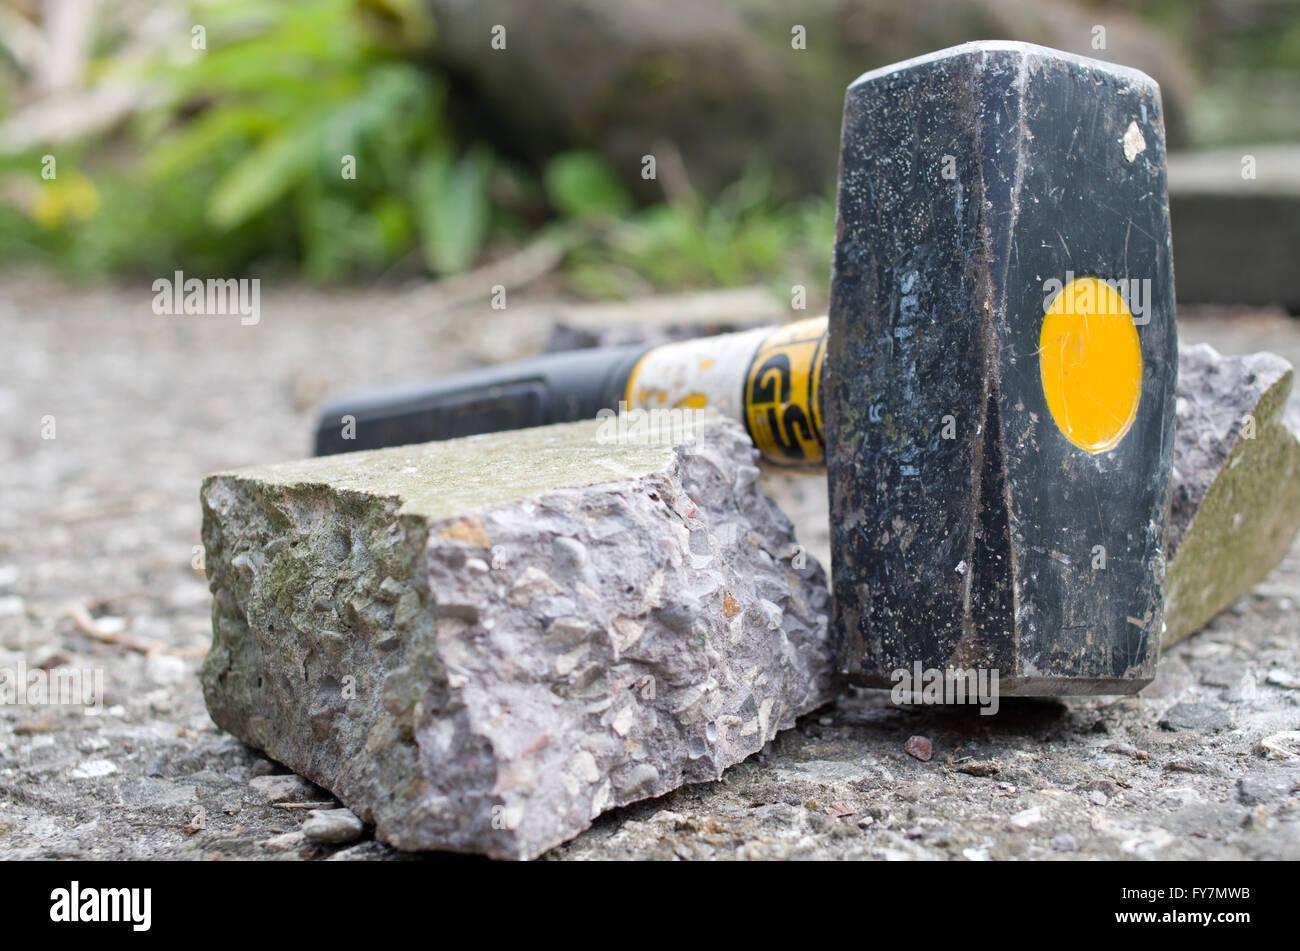 Grumo martello usato per rompere il calcestruzzo Immagini Stock